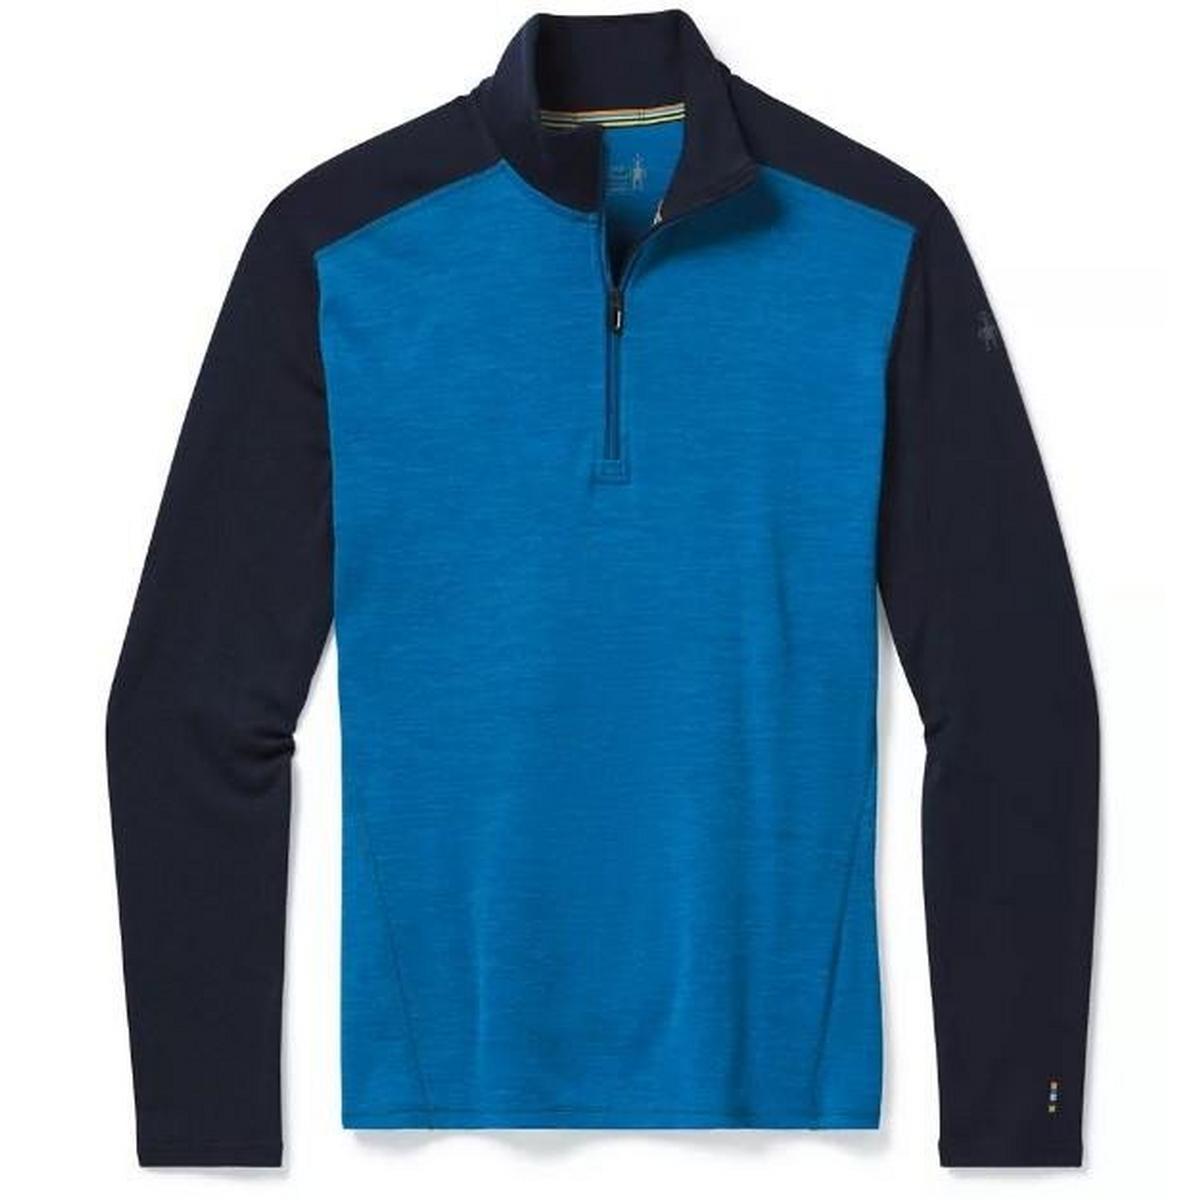 Smartwool Men's Smartwool Merino 250 Baselayer 1/4 Zip - Blue